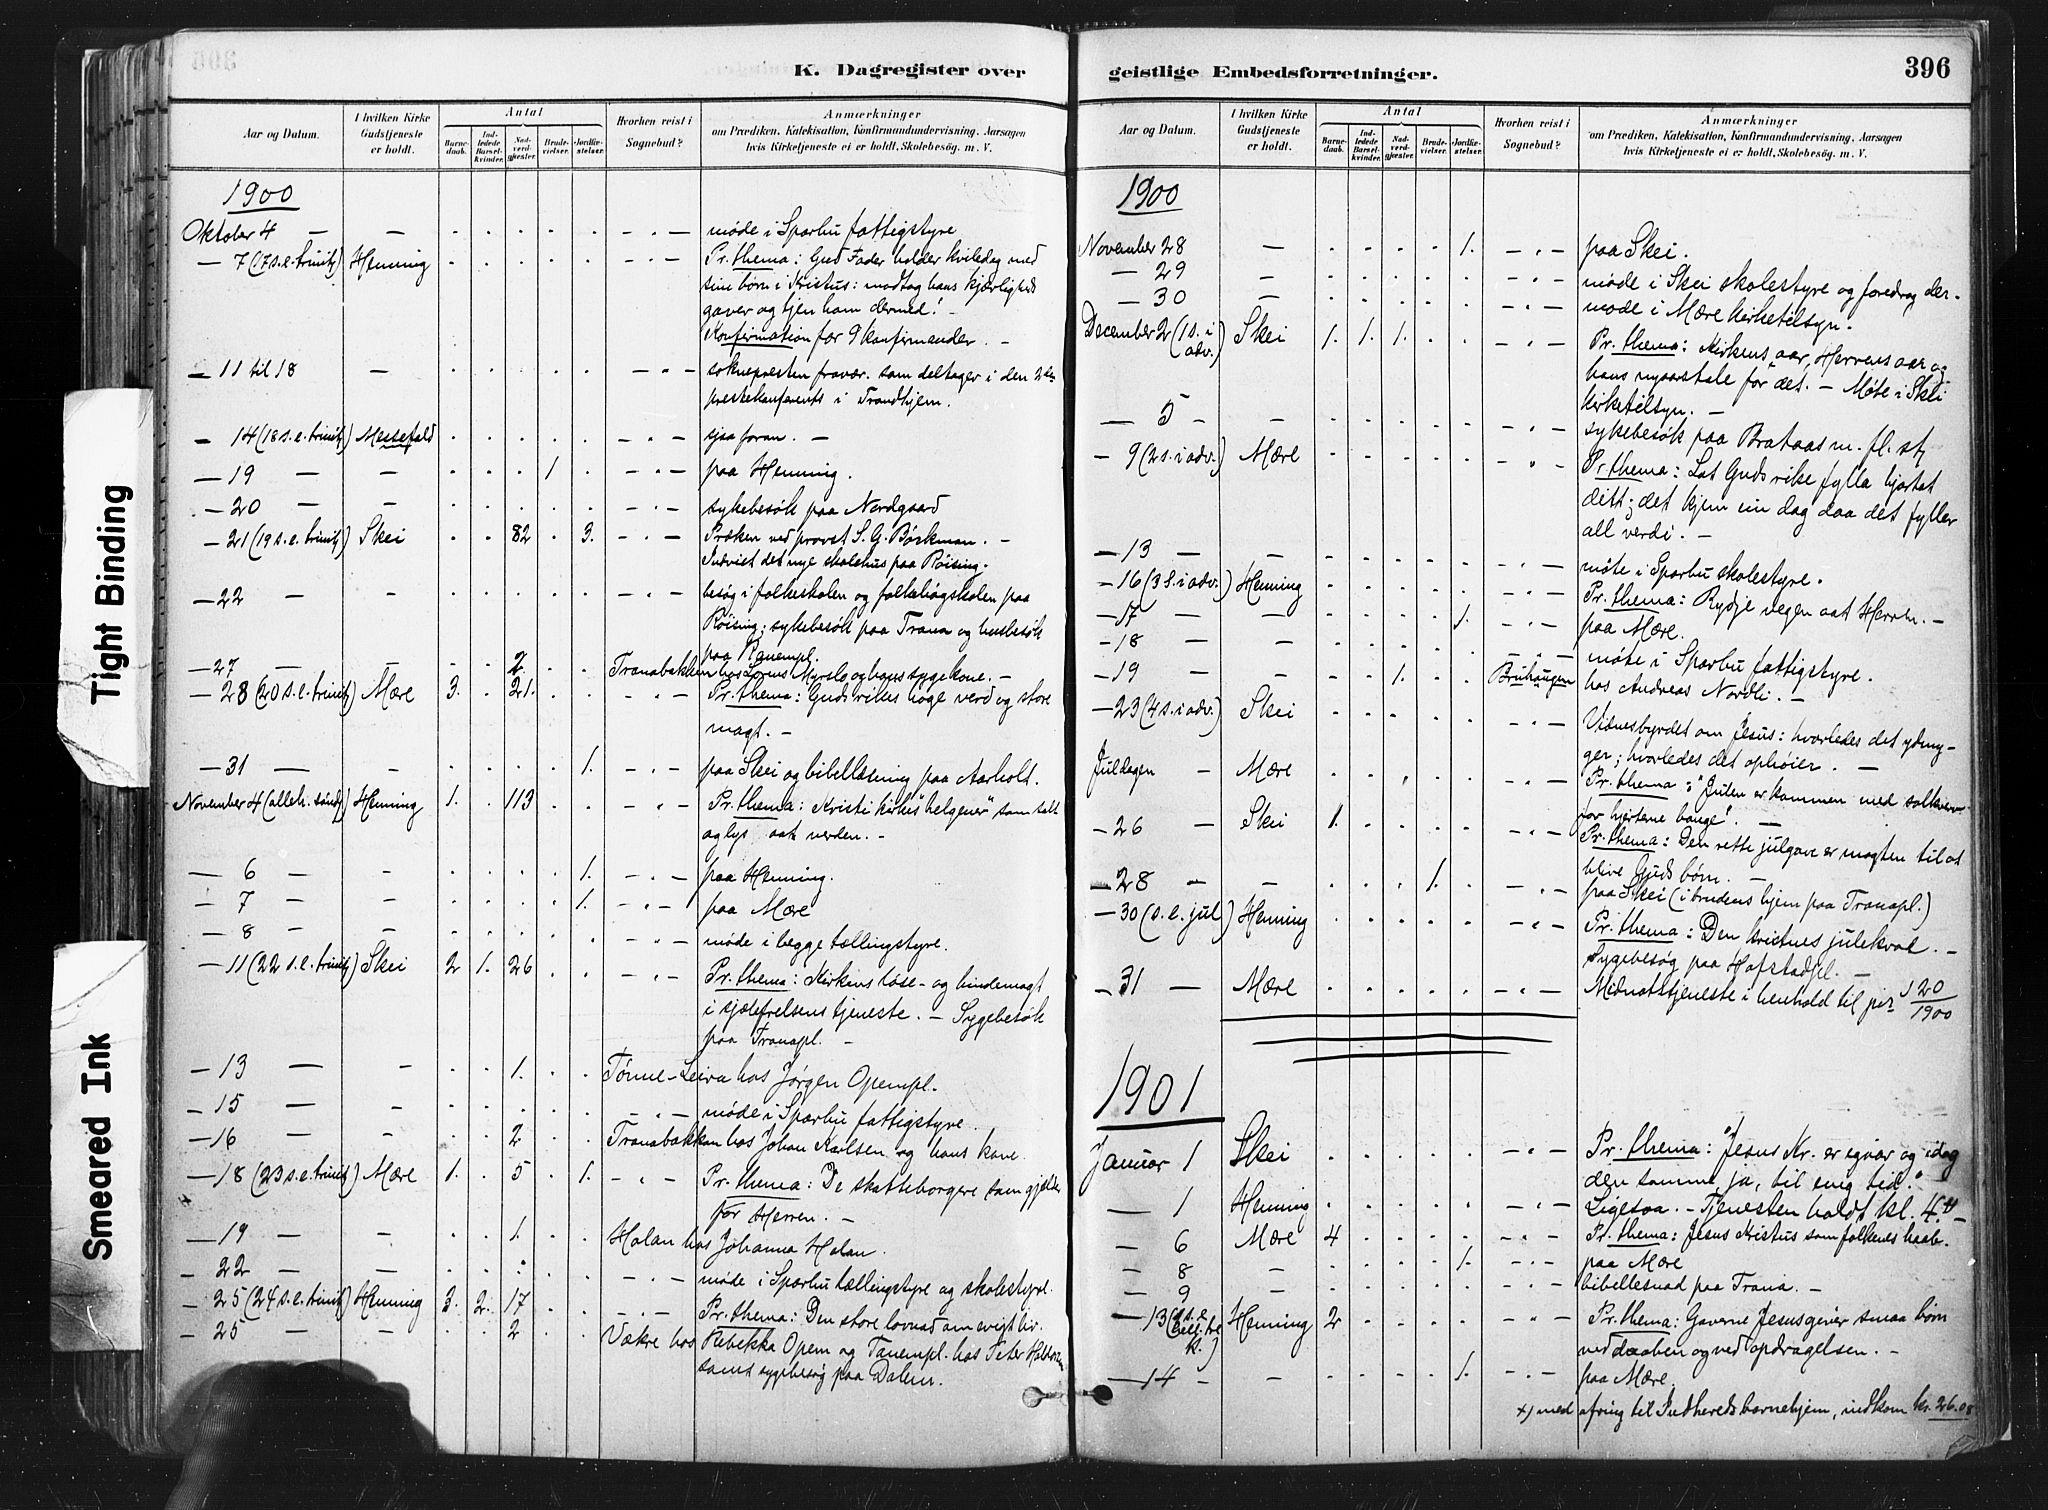 SAT, Ministerialprotokoller, klokkerbøker og fødselsregistre - Nord-Trøndelag, 735/L0351: Ministerialbok nr. 735A10, 1884-1908, s. 396